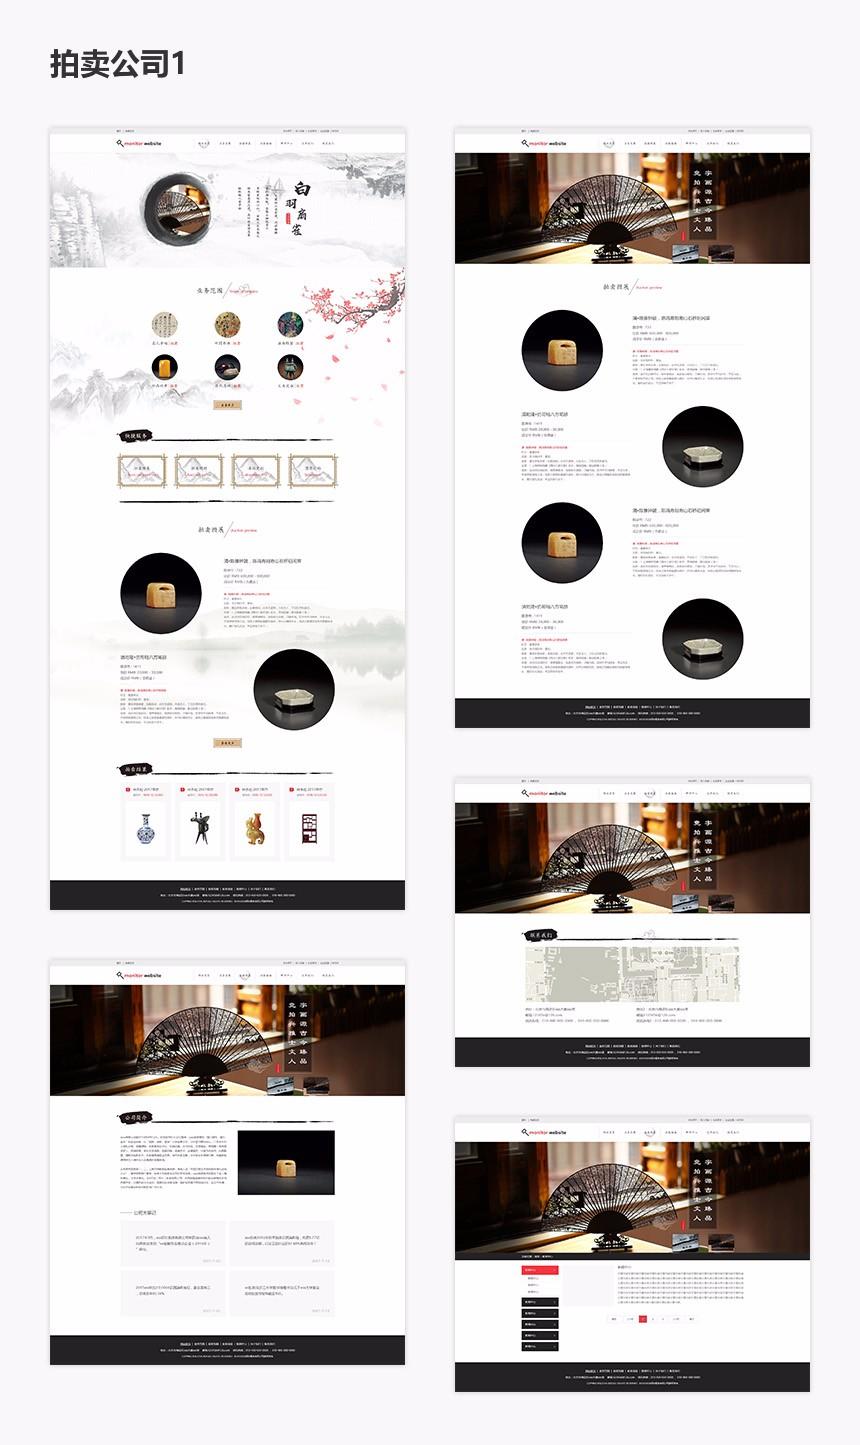 重庆拍卖公司拍卖行业网站建设.jpg